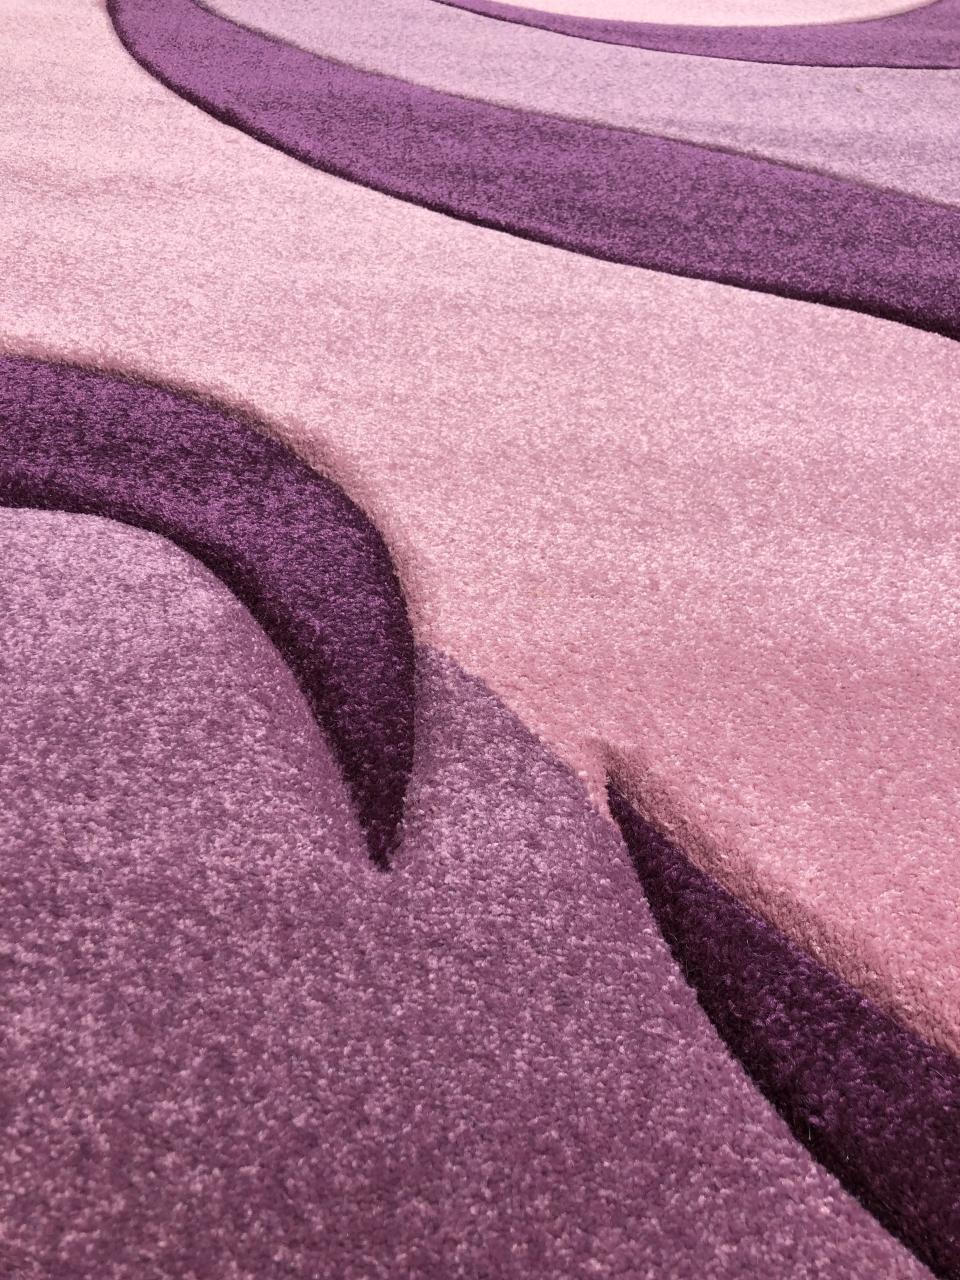 Ковер L116 - PINK - Овал - коллекция PARADISE - фото 2